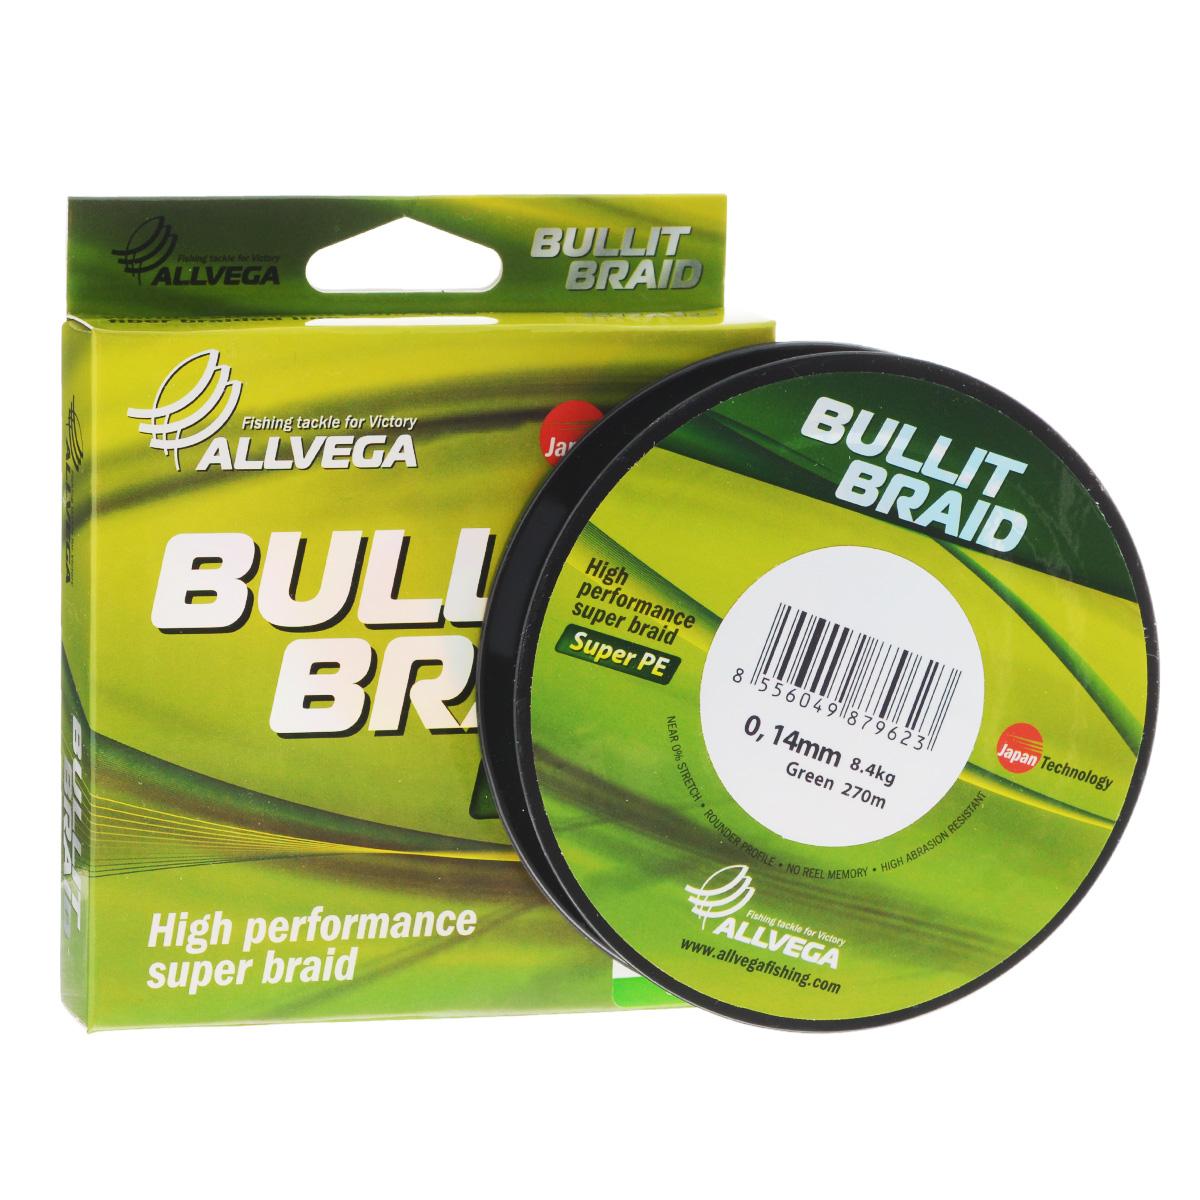 Леска плетеная Allvega Bullit Braid, цвет: темно-зеленый, 270 м, 0,14 мм, 8,4 кг10948Леска Allvega Bullit Braid с гладкой поверхностью и одинаковым сечением по всей длине обладает высокой износостойкостью. Благодаря микроволокнам полиэтилена (Super PE) леска имеет очень плотное плетение и не впитывает воду. Леску Allvega Bullit Braid можно применять в любых типах водоемов. Особенности:повышенная износостойкость;высокая чувствительность - коэффициент растяжения близок к нулю;отсутствует память; идеально гладкая поверхность позволяет увеличить дальность забросов; высокая прочность шнура на узлах.